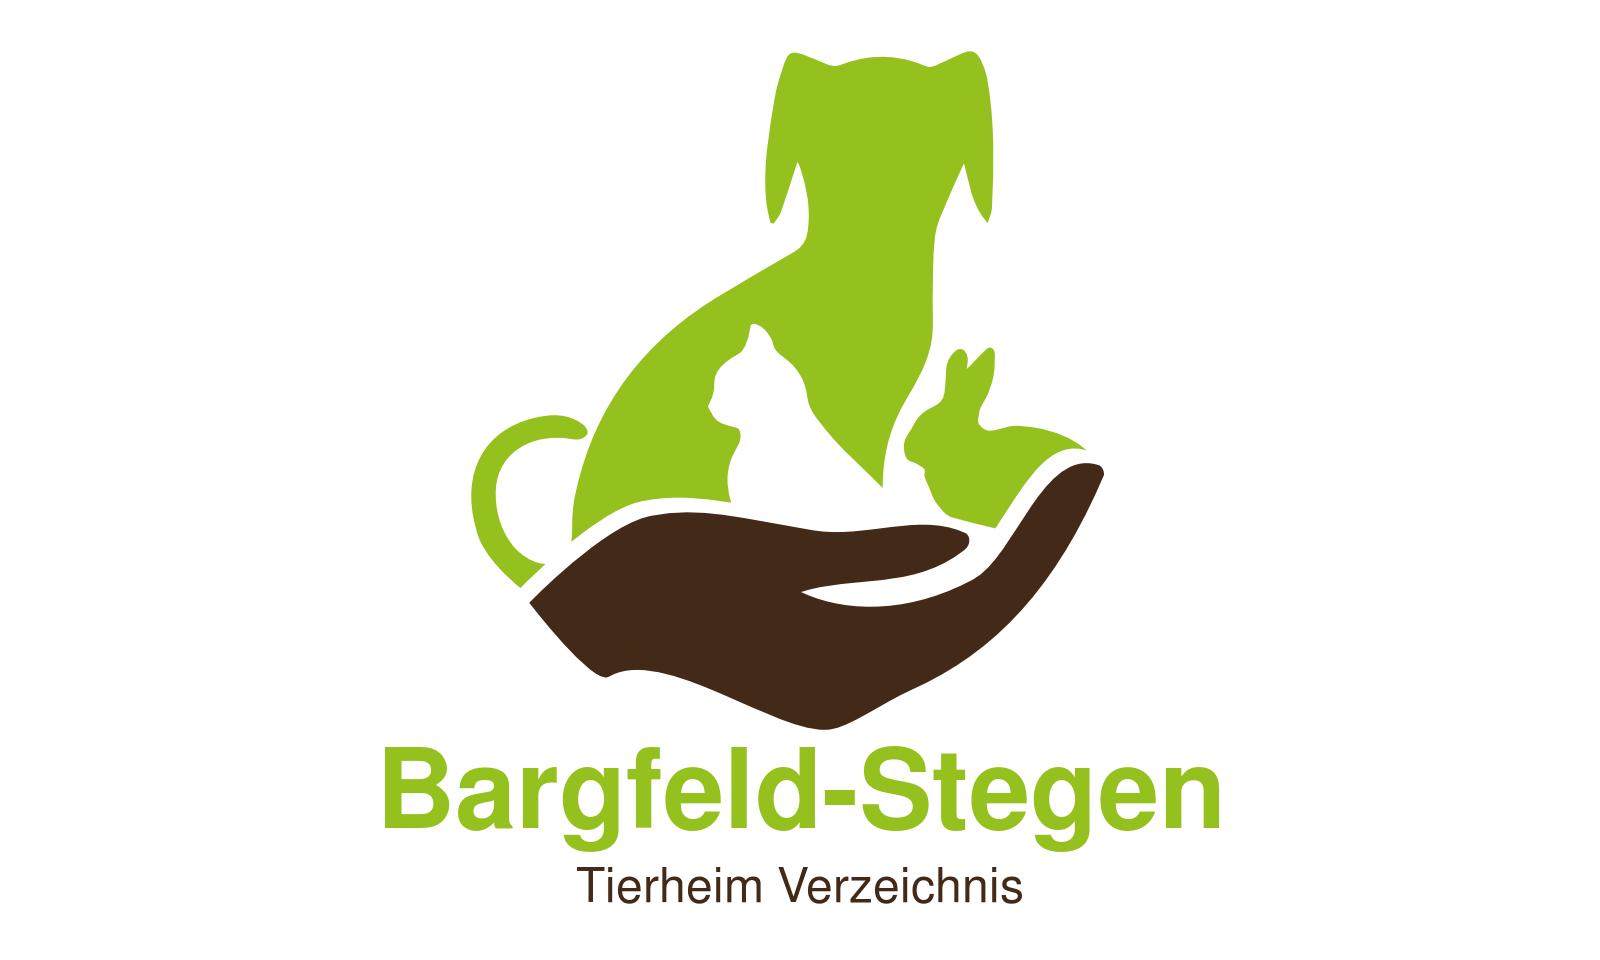 Tierheim Bargfeld-Stegen